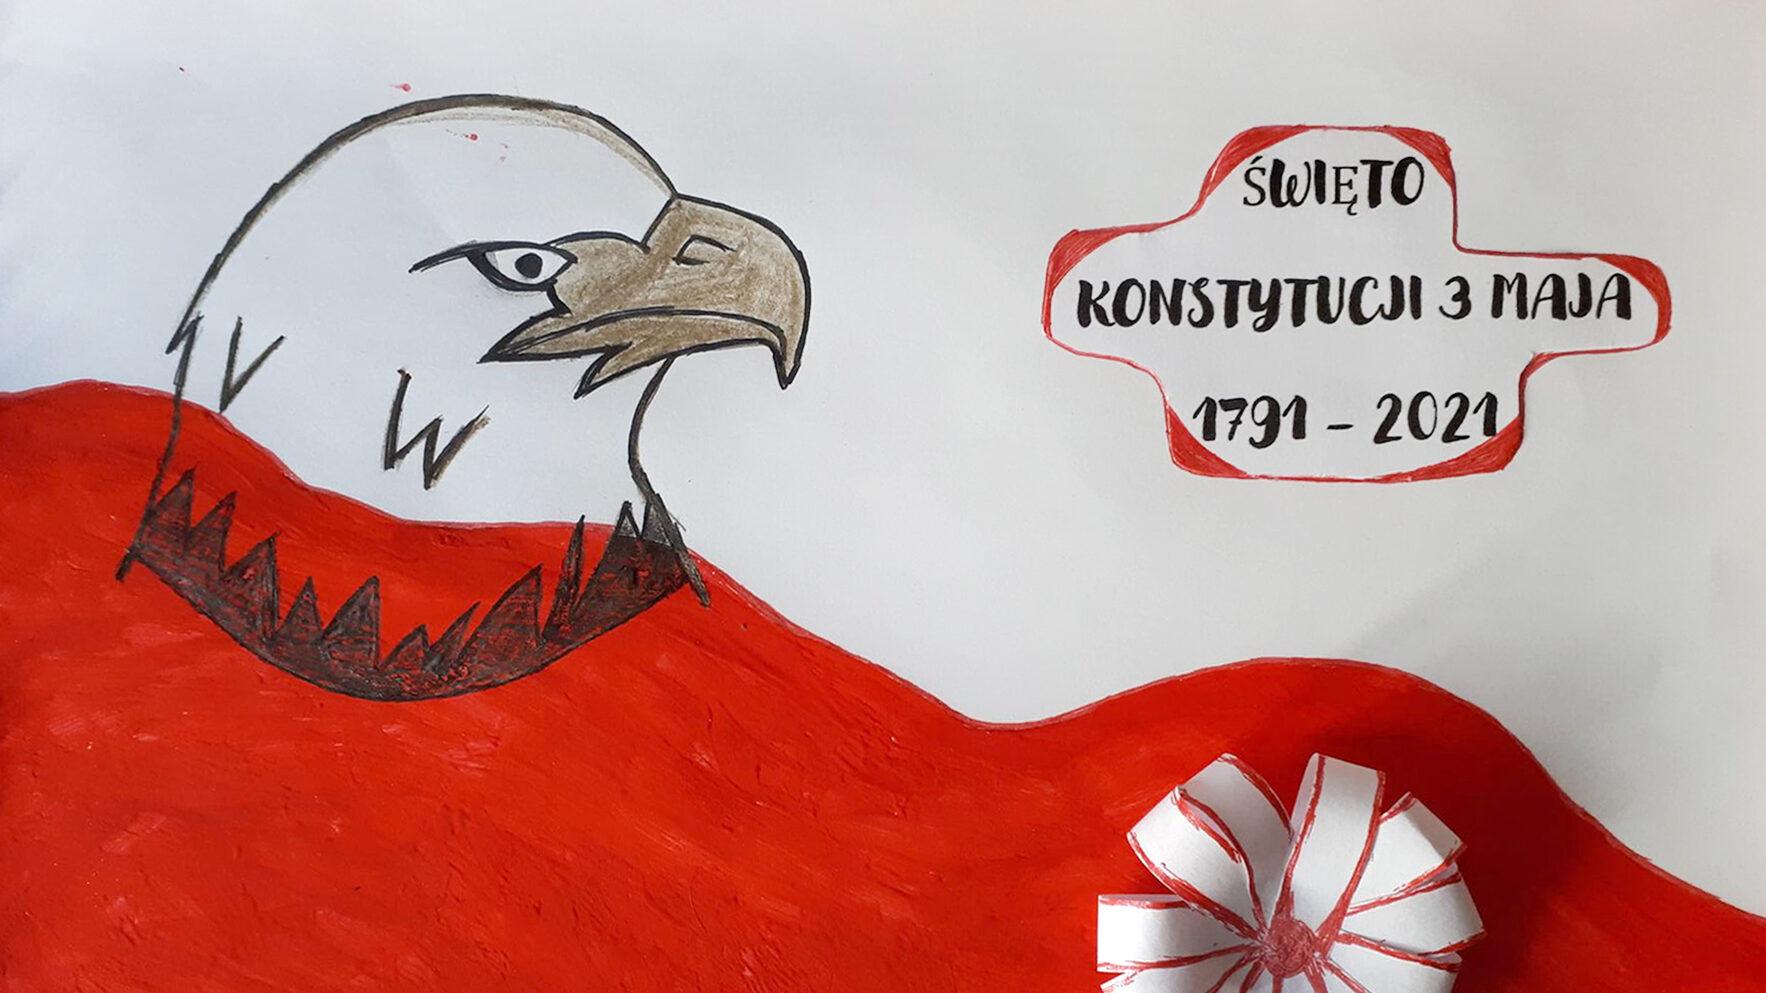 Z okazji Święta Konstytucji 3 Maja